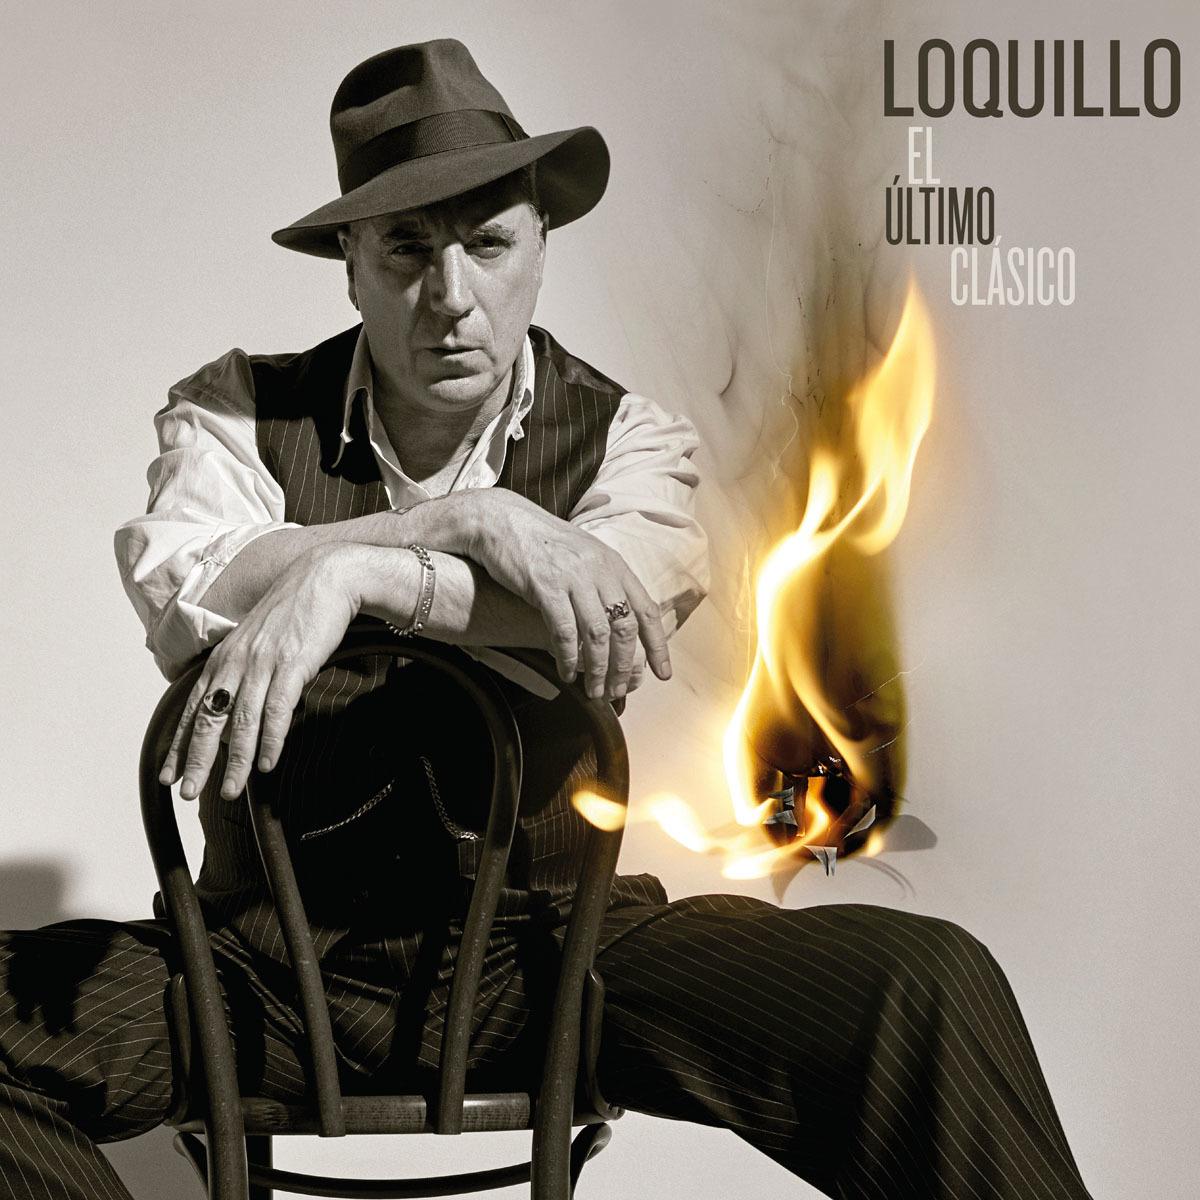 EL ULTIMO CLASICO -VINILO + CD PREVENTA 22/NOV-